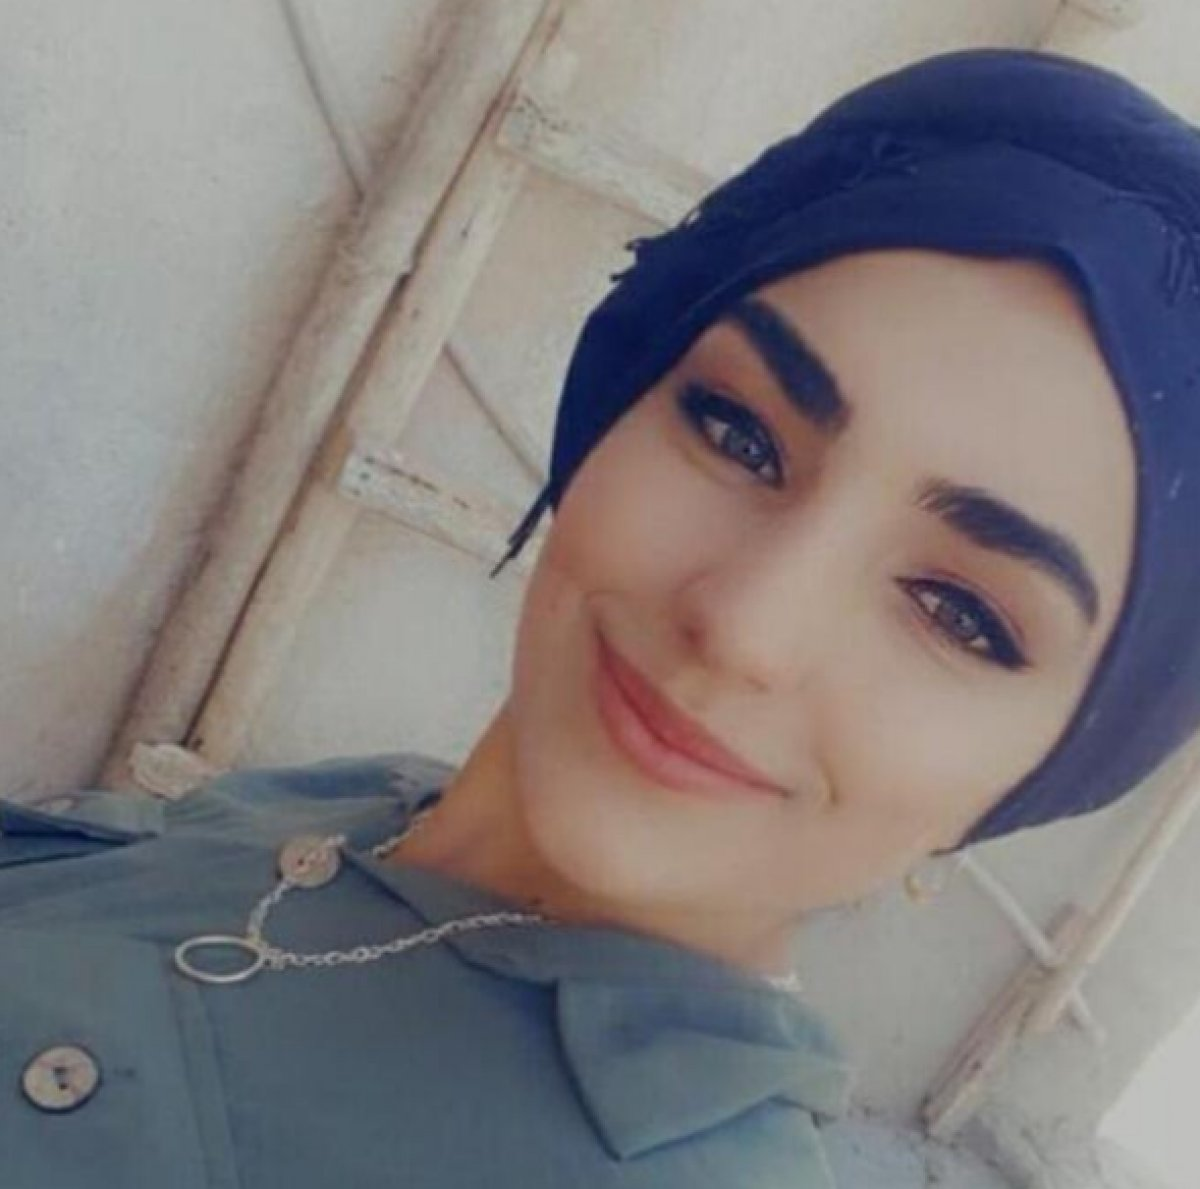 Diyarbakır da kuzeni tarafından vurulan Emine, 138 gün sonra hayatını kaybetti  #3